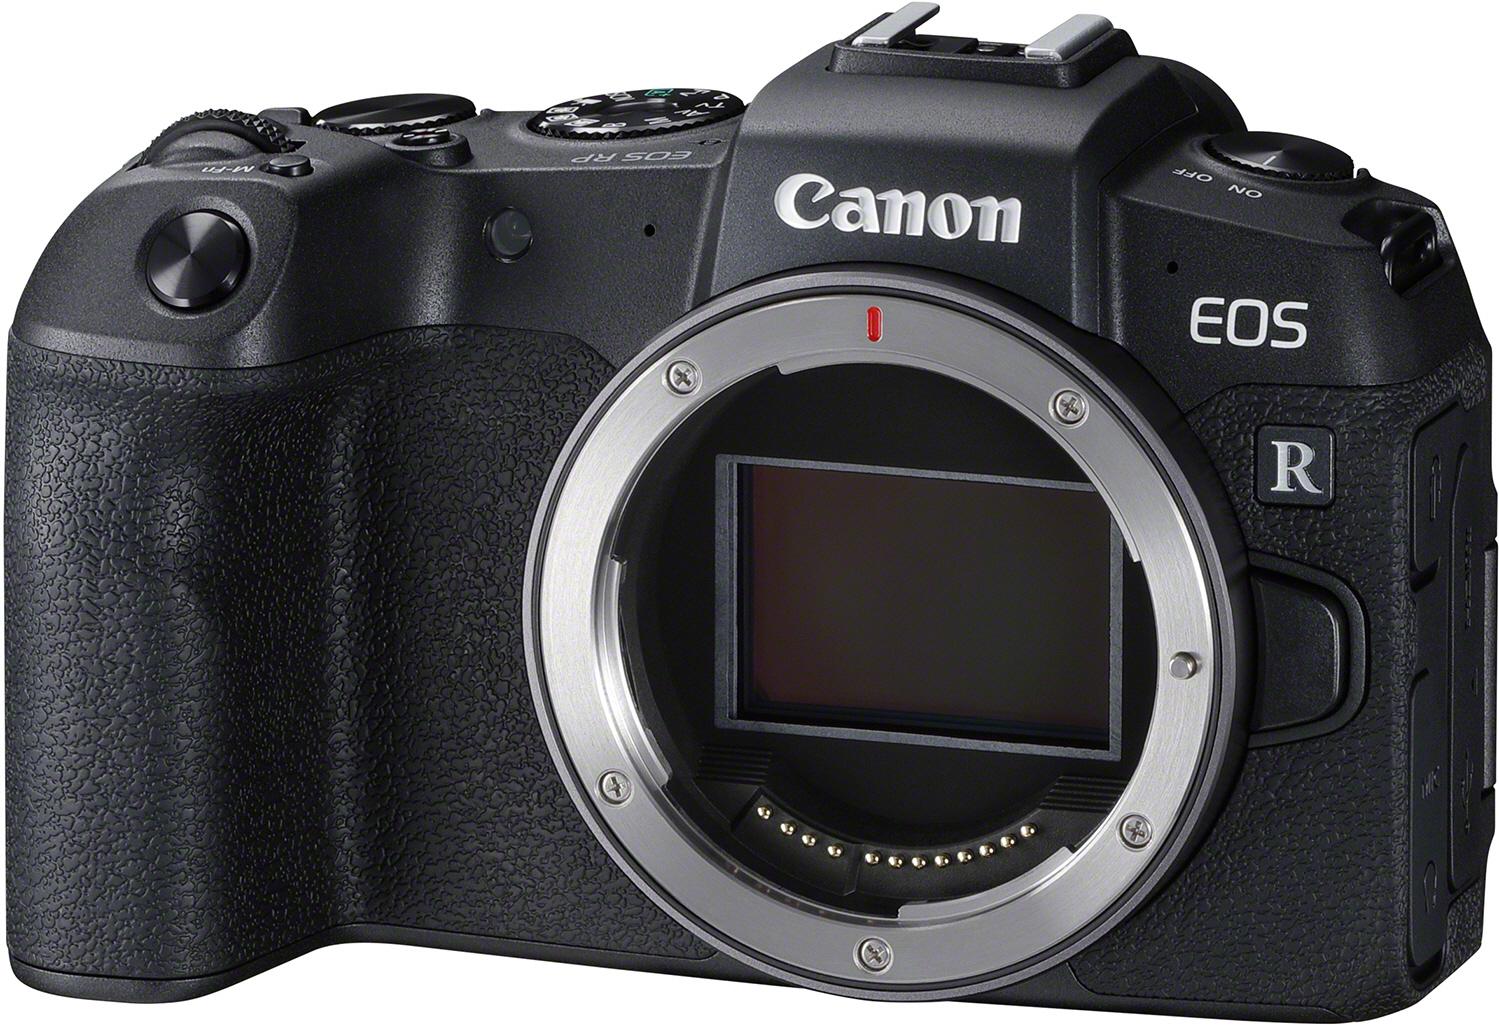 еос инфо какие фотоаппараты тестирует даже соединяет